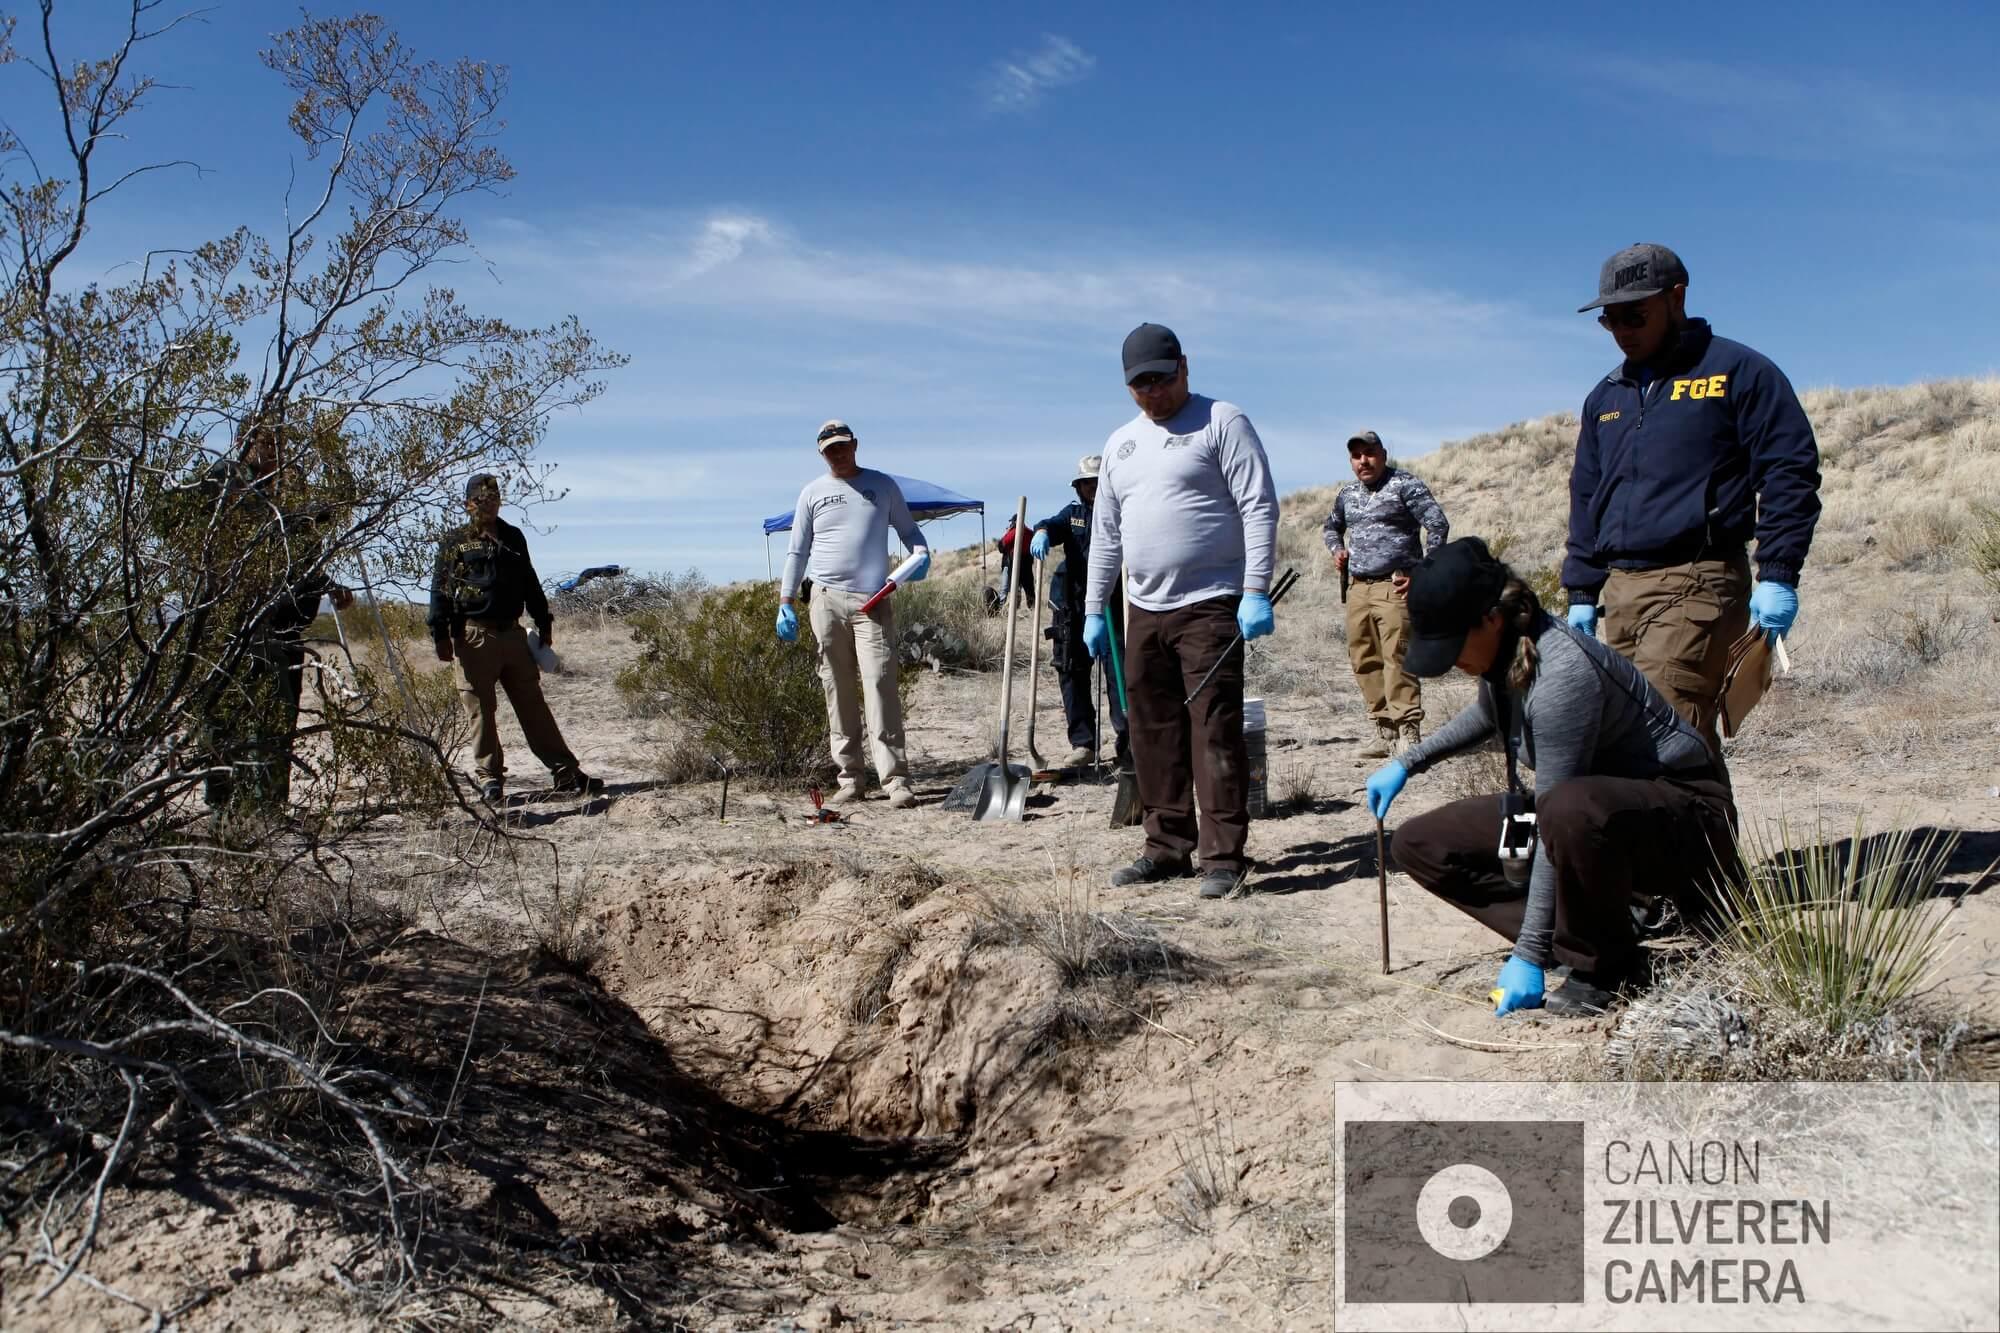 In de woestijn, vlakbij het dorpje Guadelupe, zoekt het Forensisch Team naar menselijke botten. Vandaag vinden ze botten afkomstig van drie verschillende mensen: vermoord en gedumpt in de woestijn.